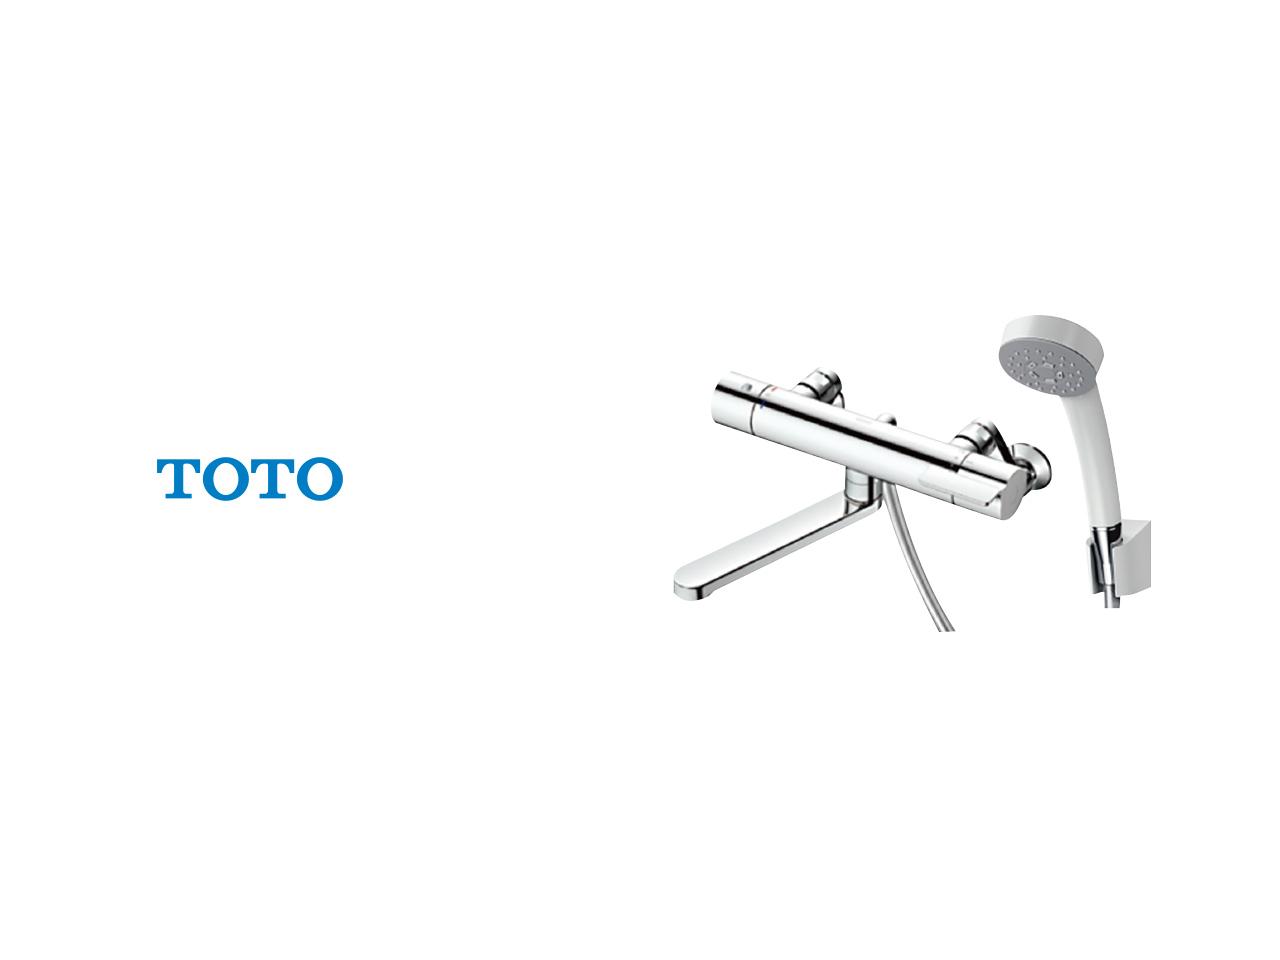 画像:TOTO サーモスタットシャワー金具